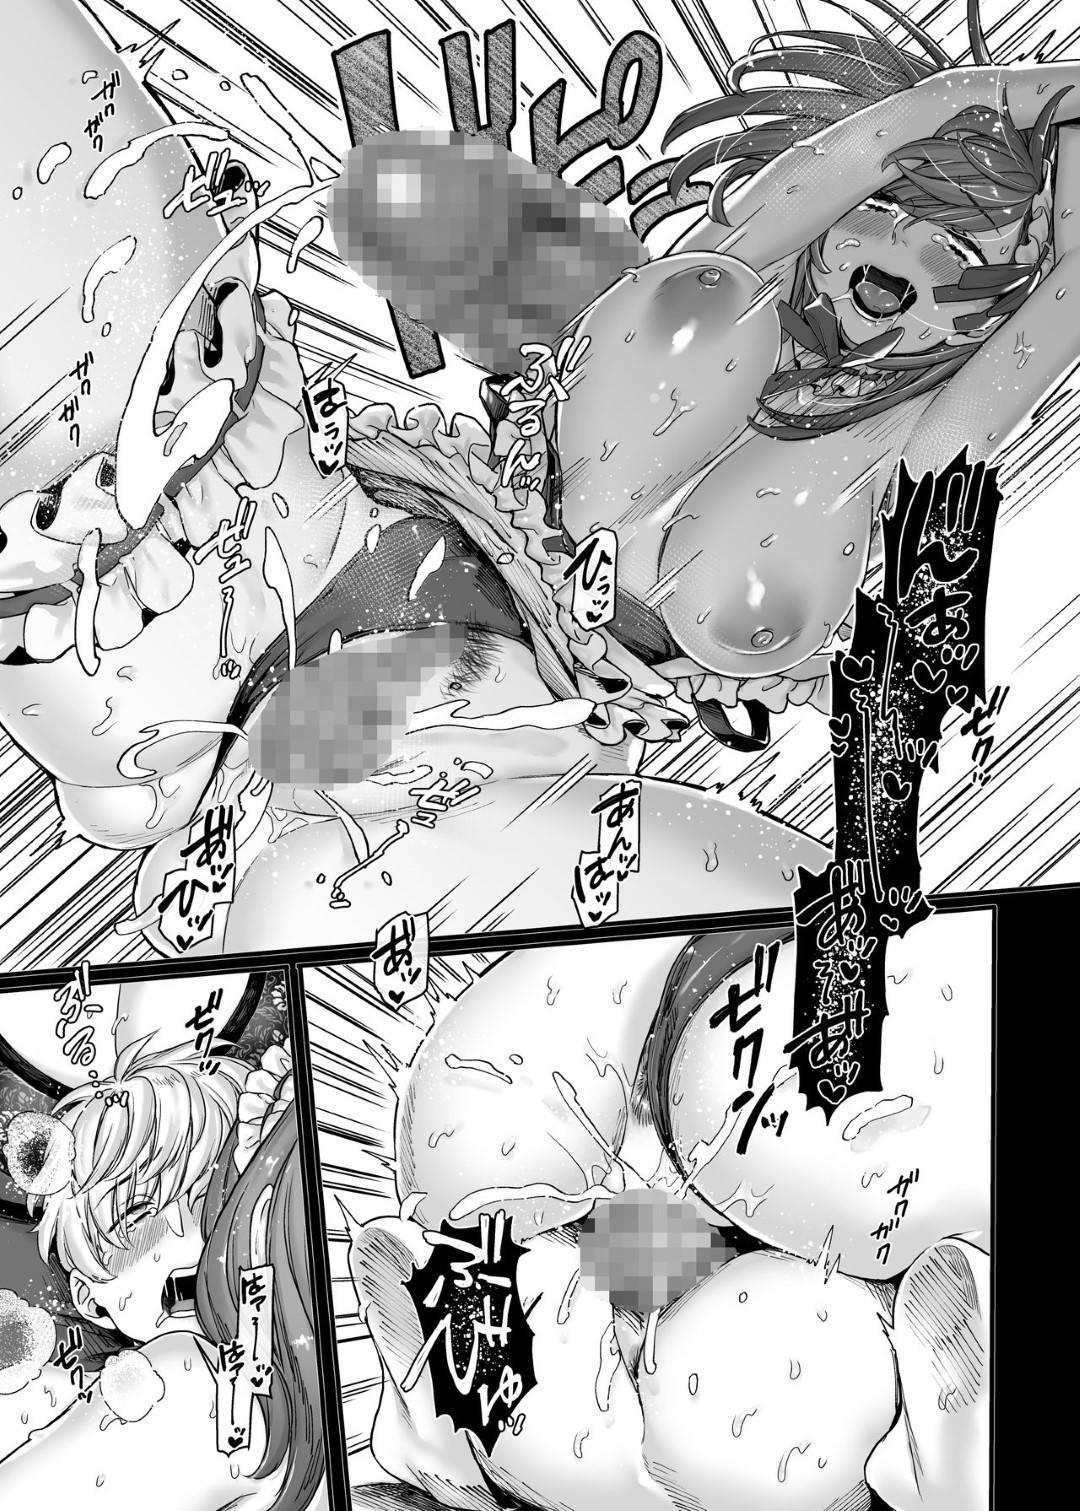 【エロ漫画】一人の男を拘束してエッチな事をする淫乱な双子…二人は彼にローターで責めながらダブルフェラしたり、騎乗位で跨ったりとヤりまくる!【露々々木もげら:ラストモール~首吊男子と肉食女子~ 第3話 双子の好奇心】